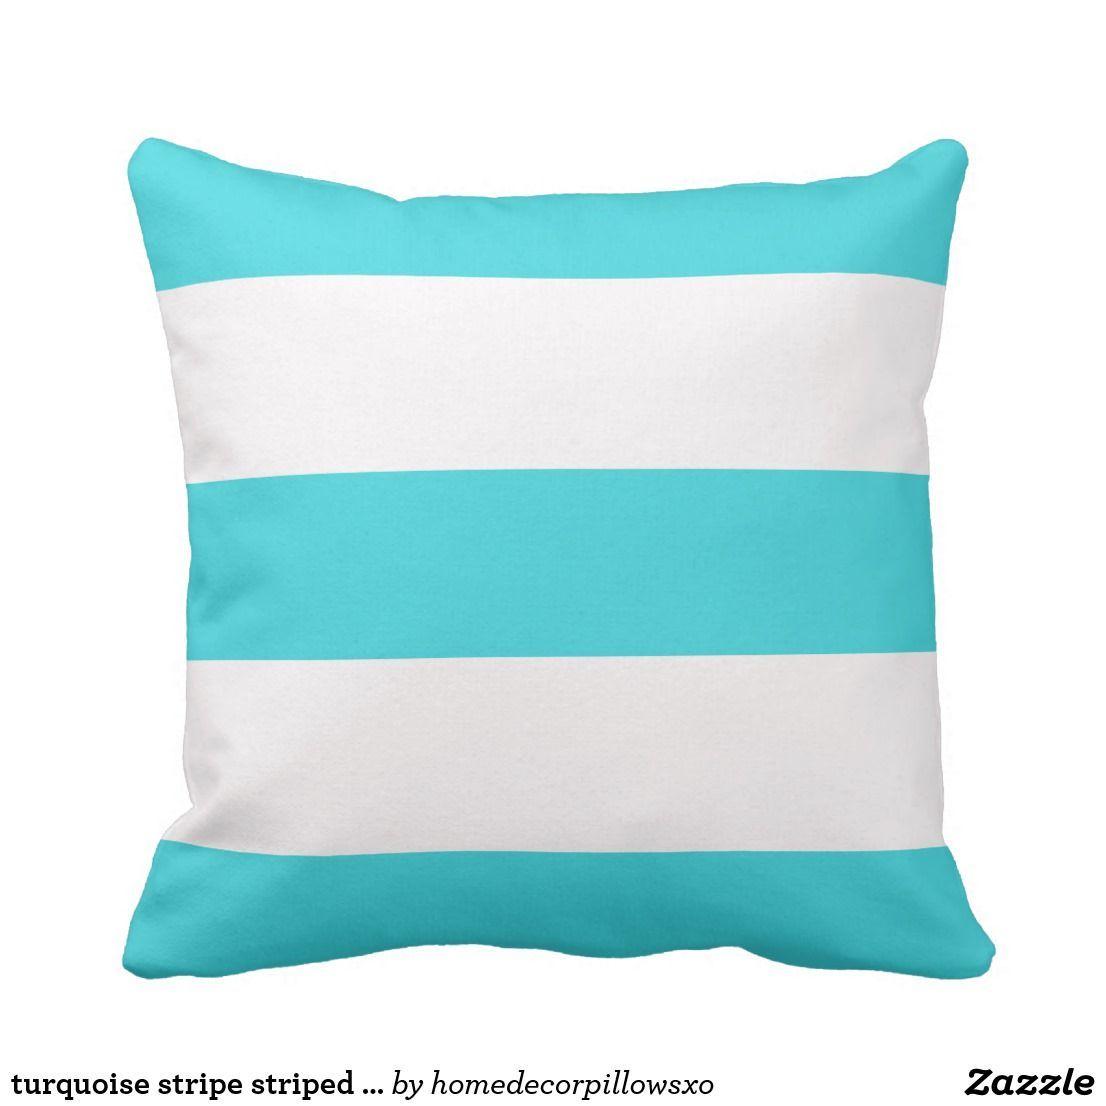 Sensational 8 Miraculous Unique Ideas Decorative Pillows Patterns Black Dailytribune Chair Design For Home Dailytribuneorg